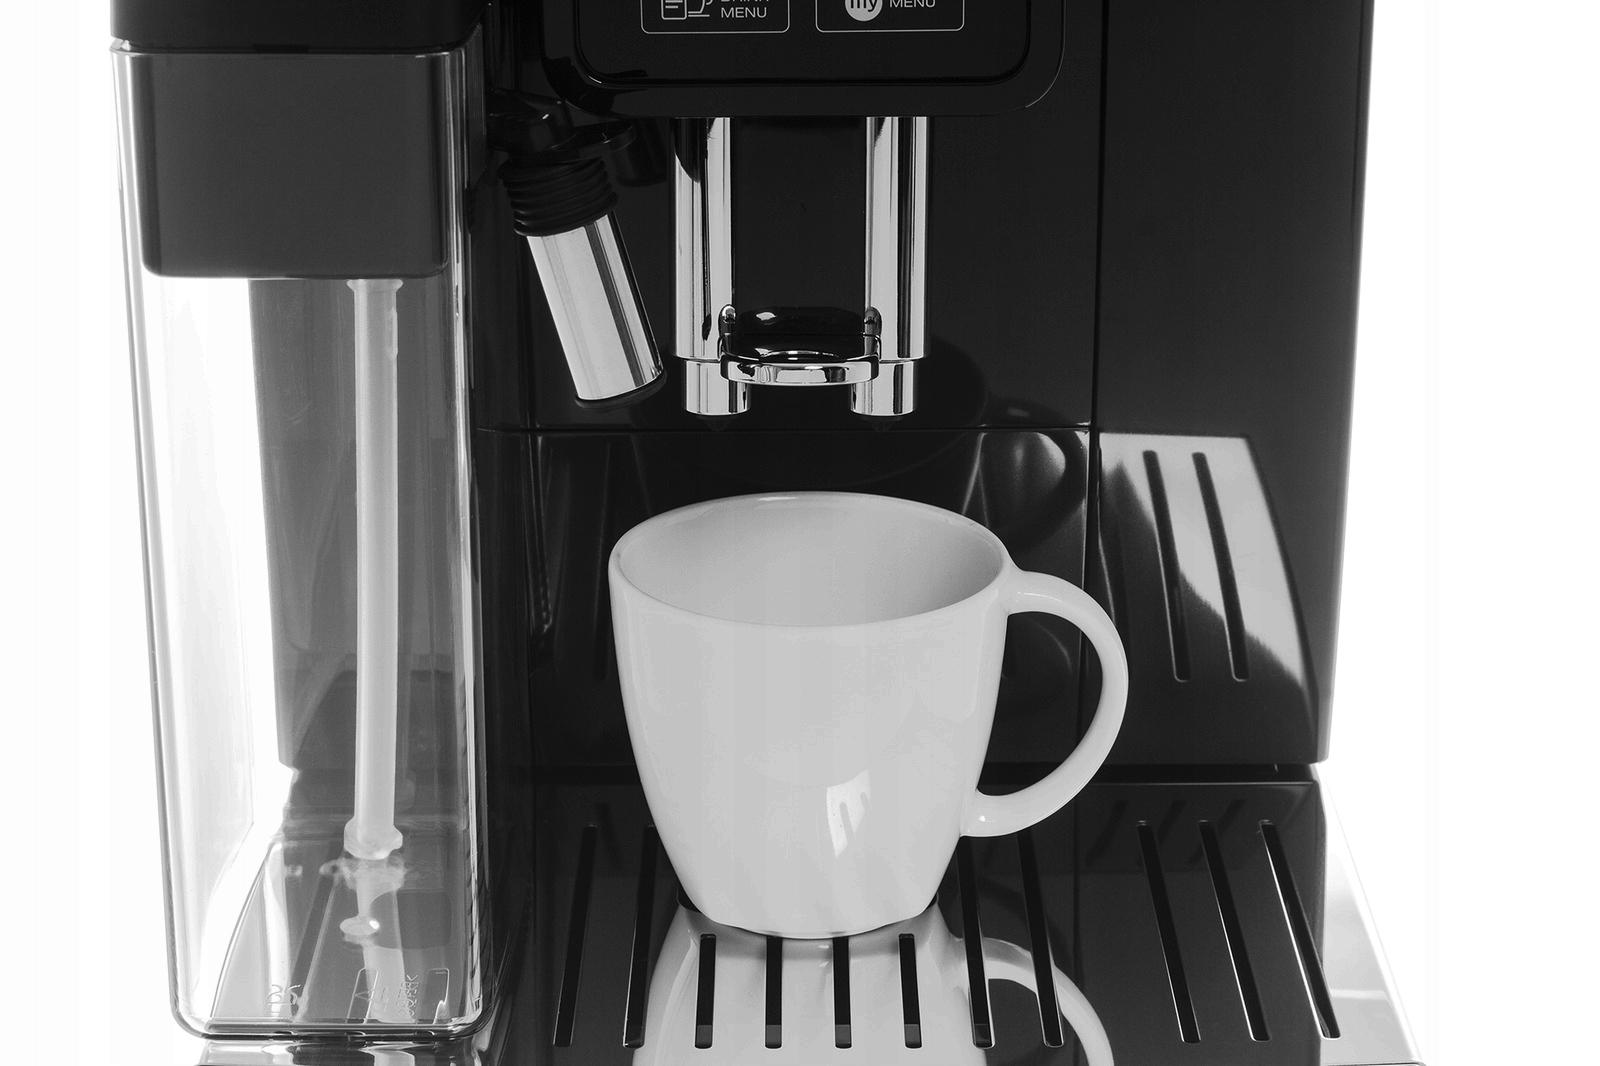 МАШИНА DELONGHI ECAM 353.75 DINAMICA BLACK Тип автоматичної кавової машини